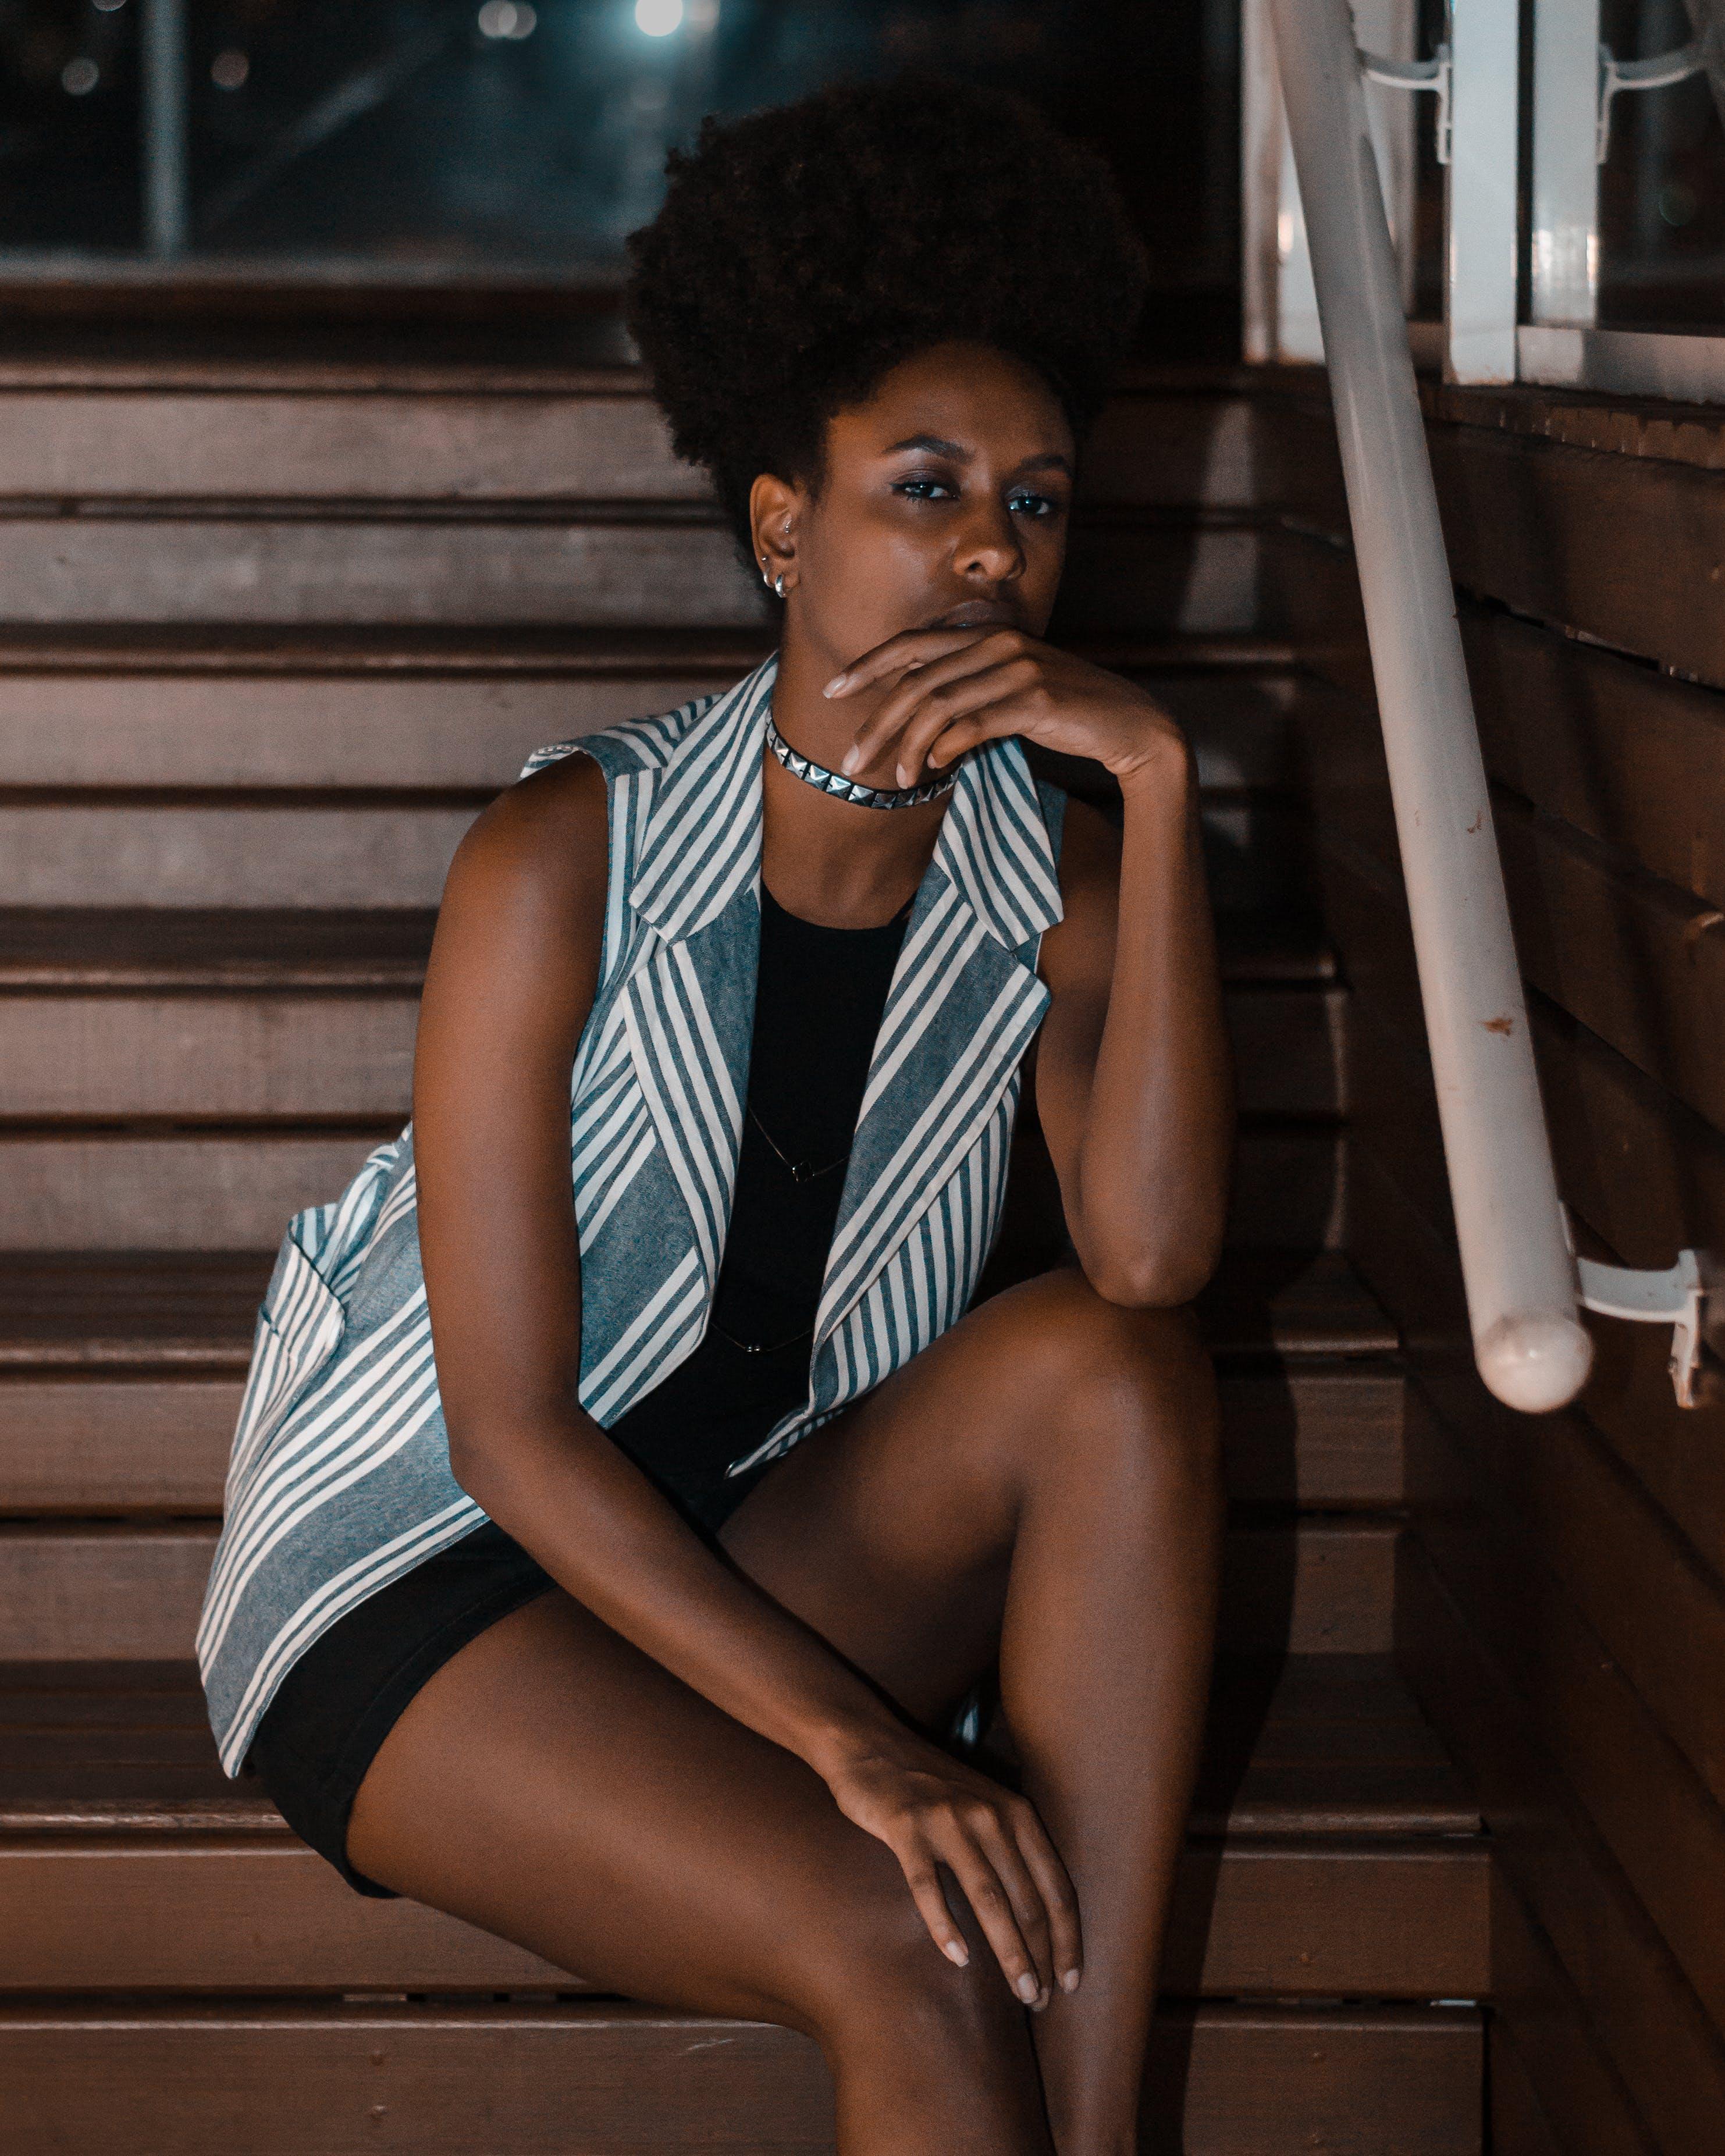 Afroameričanka, afroúčes, černoška